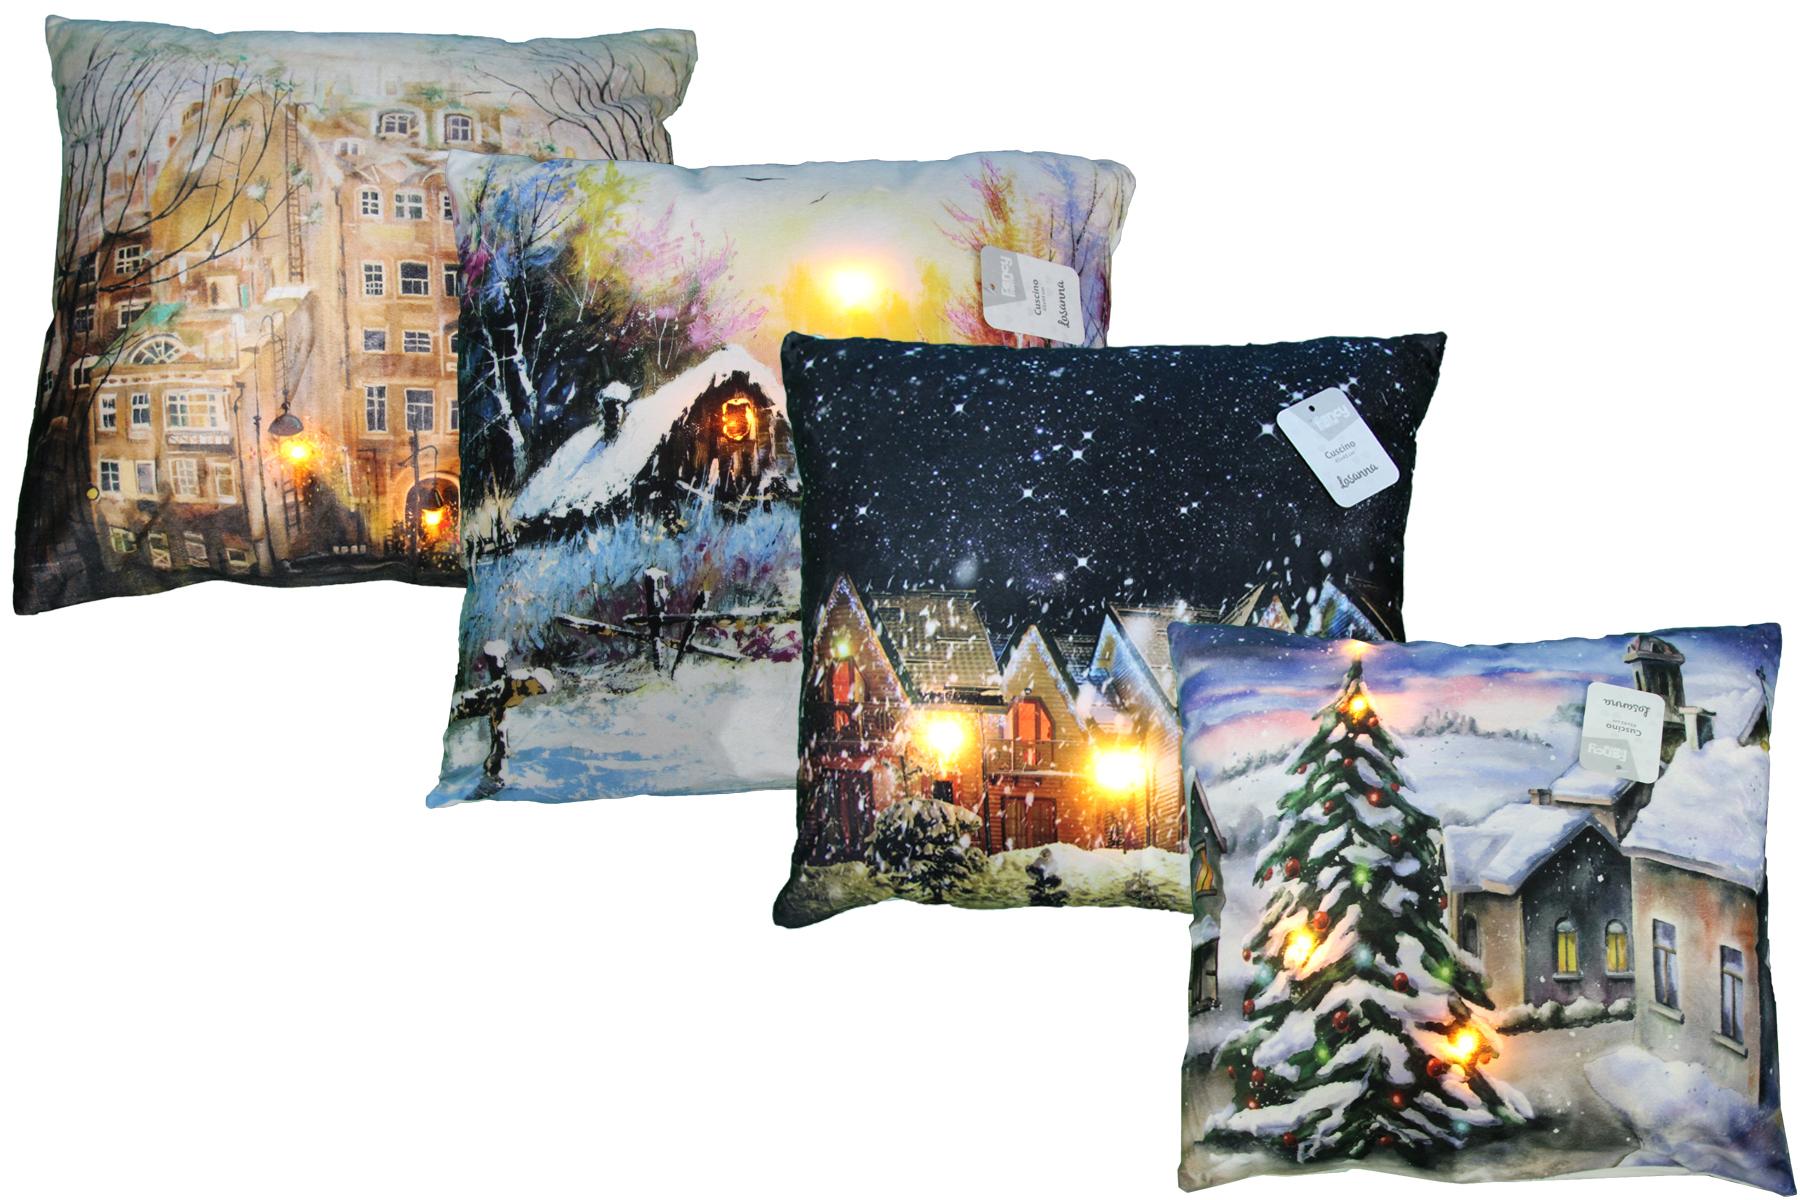 Cuscini Invernali.Cuscino Led Decorazione Natale Inverno Luci Decorativo Pillow